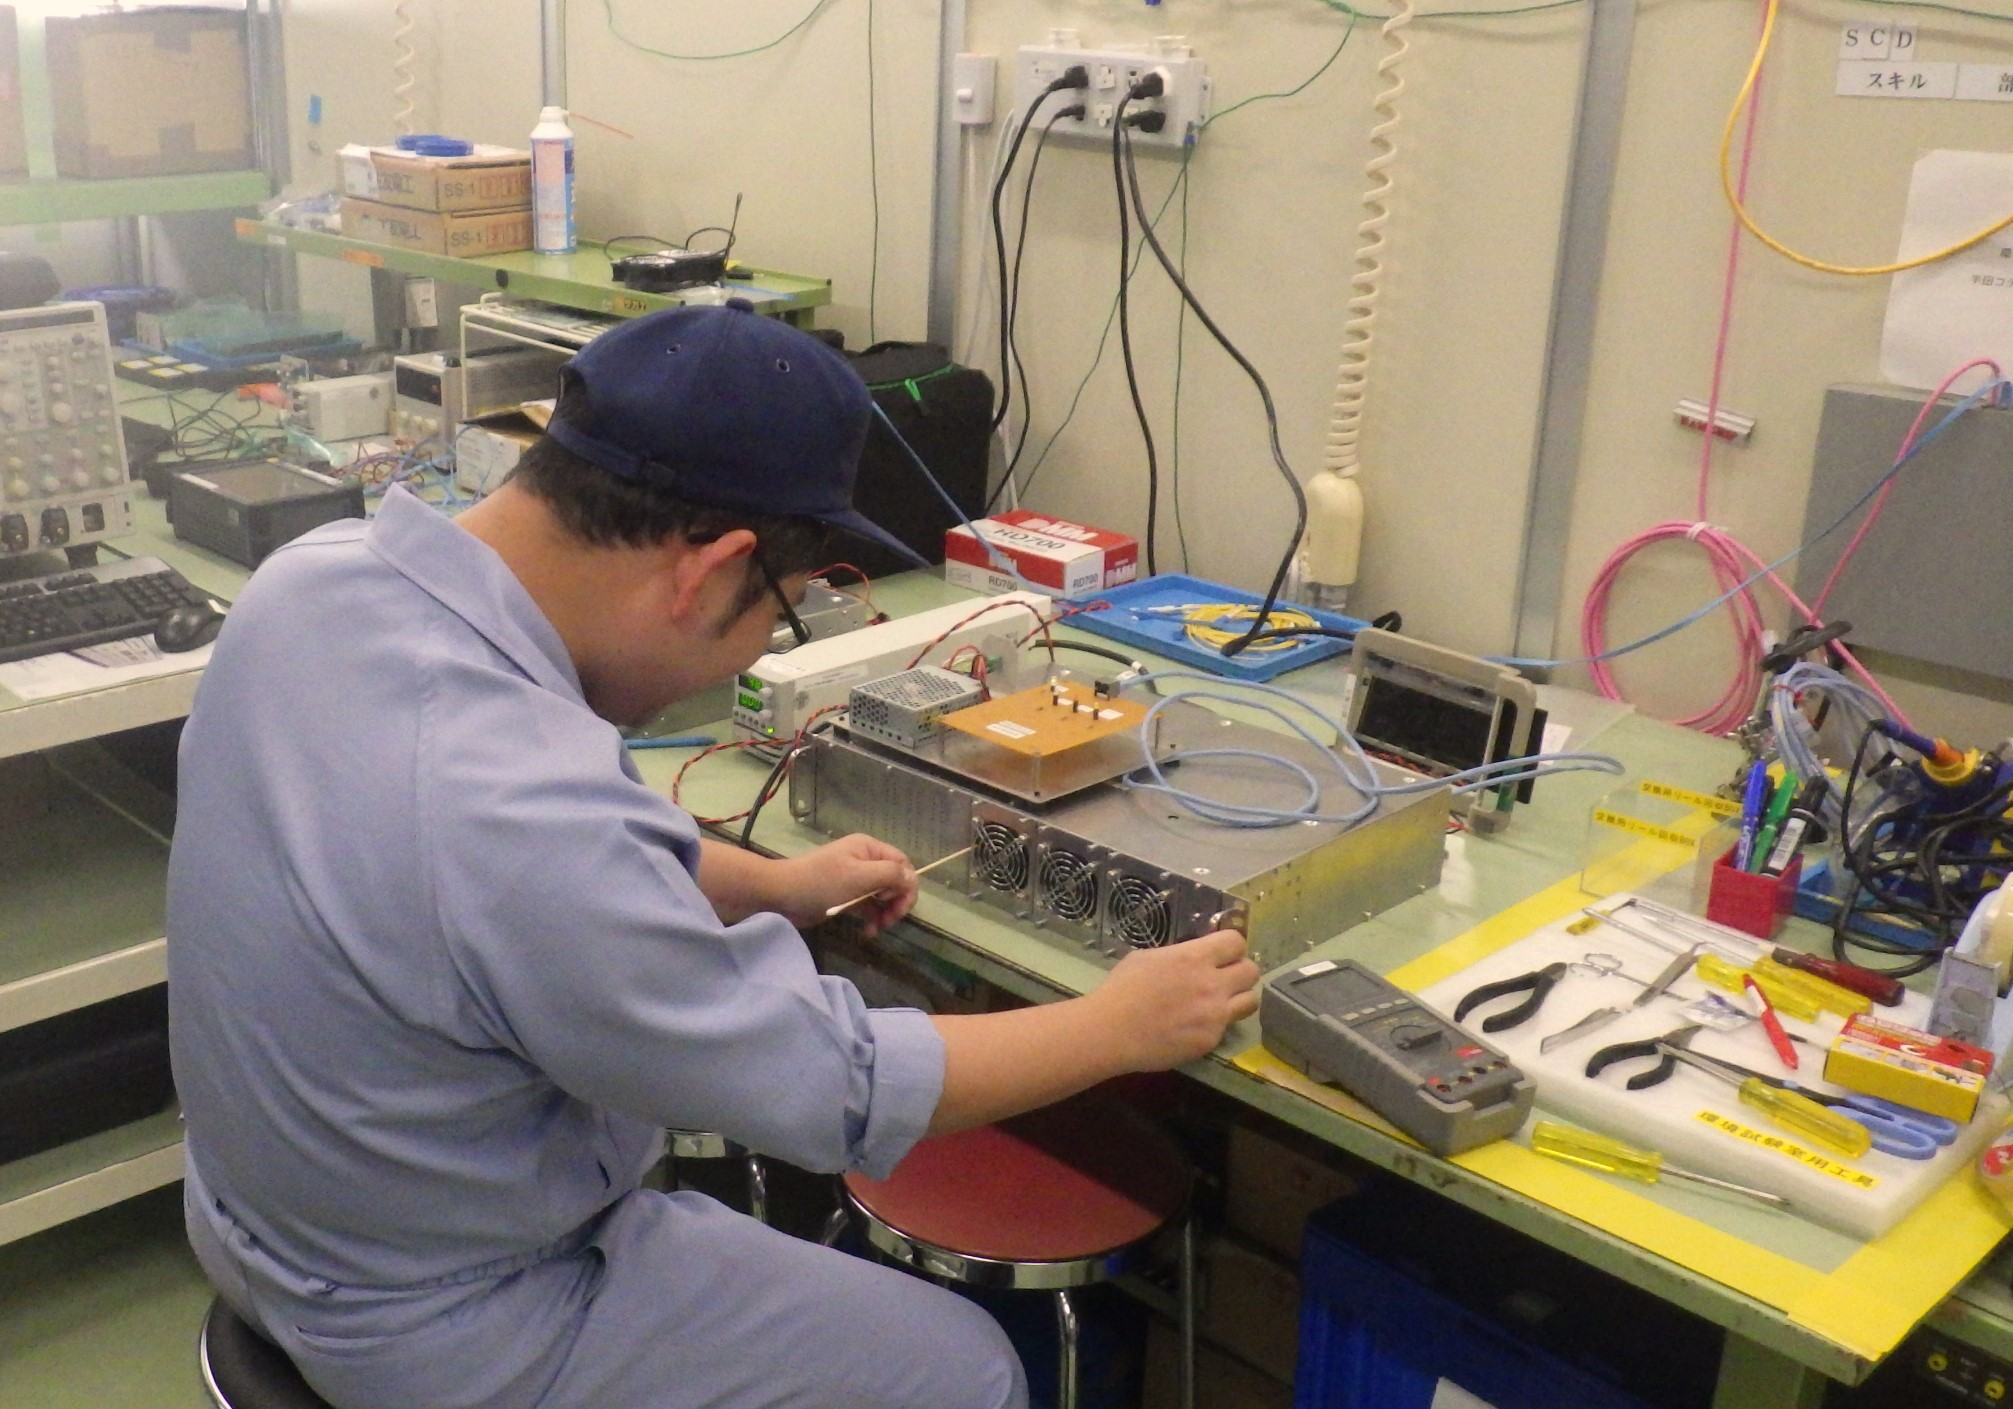 月間残業20時間以内・住友電工グループの電気回路設計エンジニア